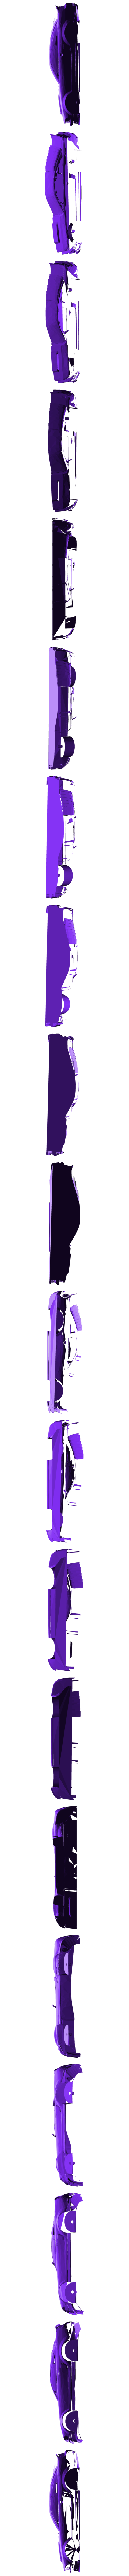 Mustang_A.stl Télécharger fichier STL gratuit Ford Mustang GT - Modèle 1:64 • Modèle à imprimer en 3D, Gophy